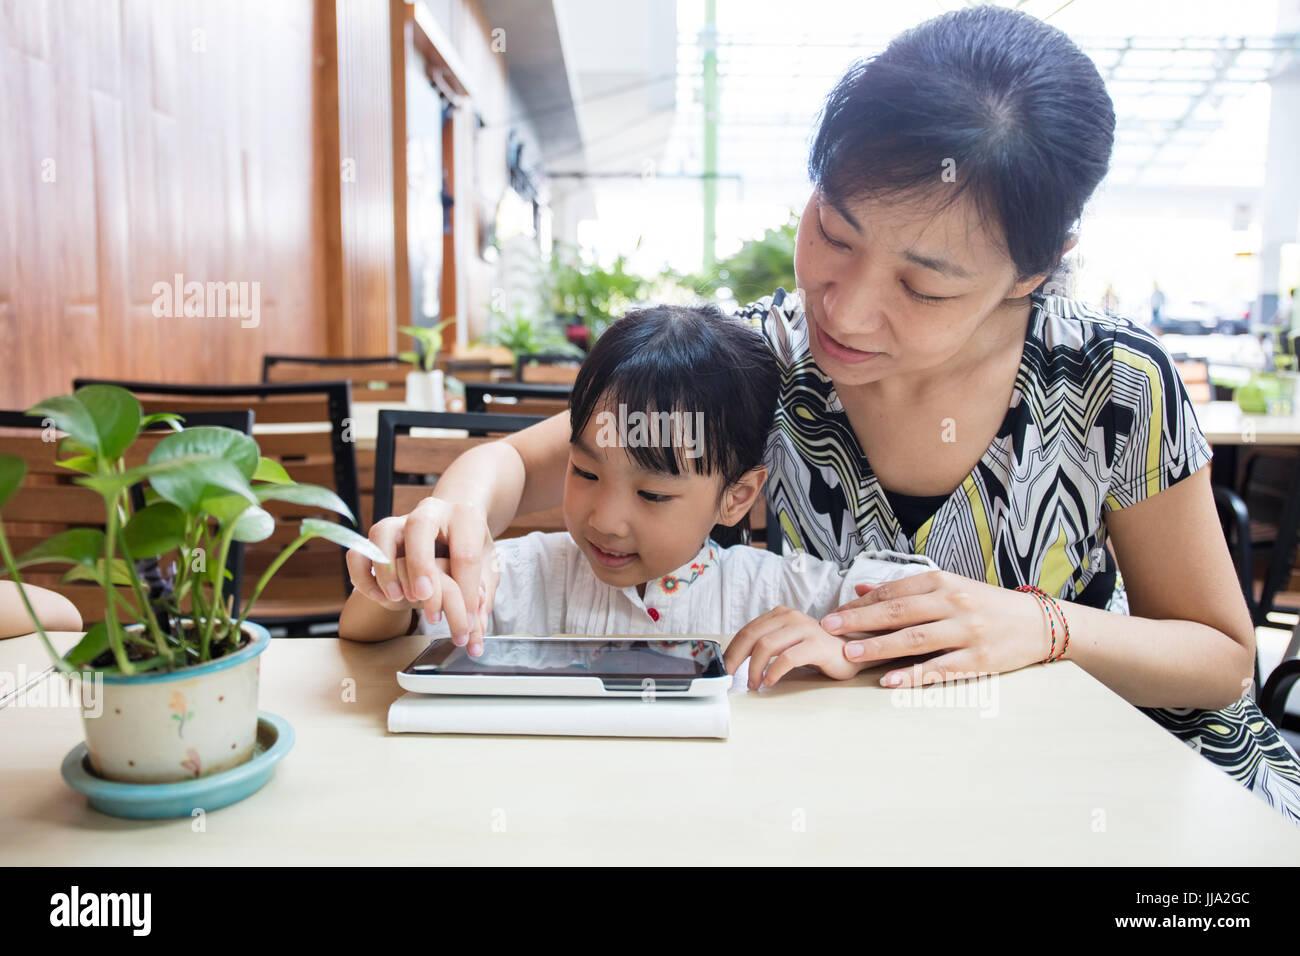 Chino Asia niña jugando tablet pc con su madre en la cafetería al aire libre Imagen De Stock